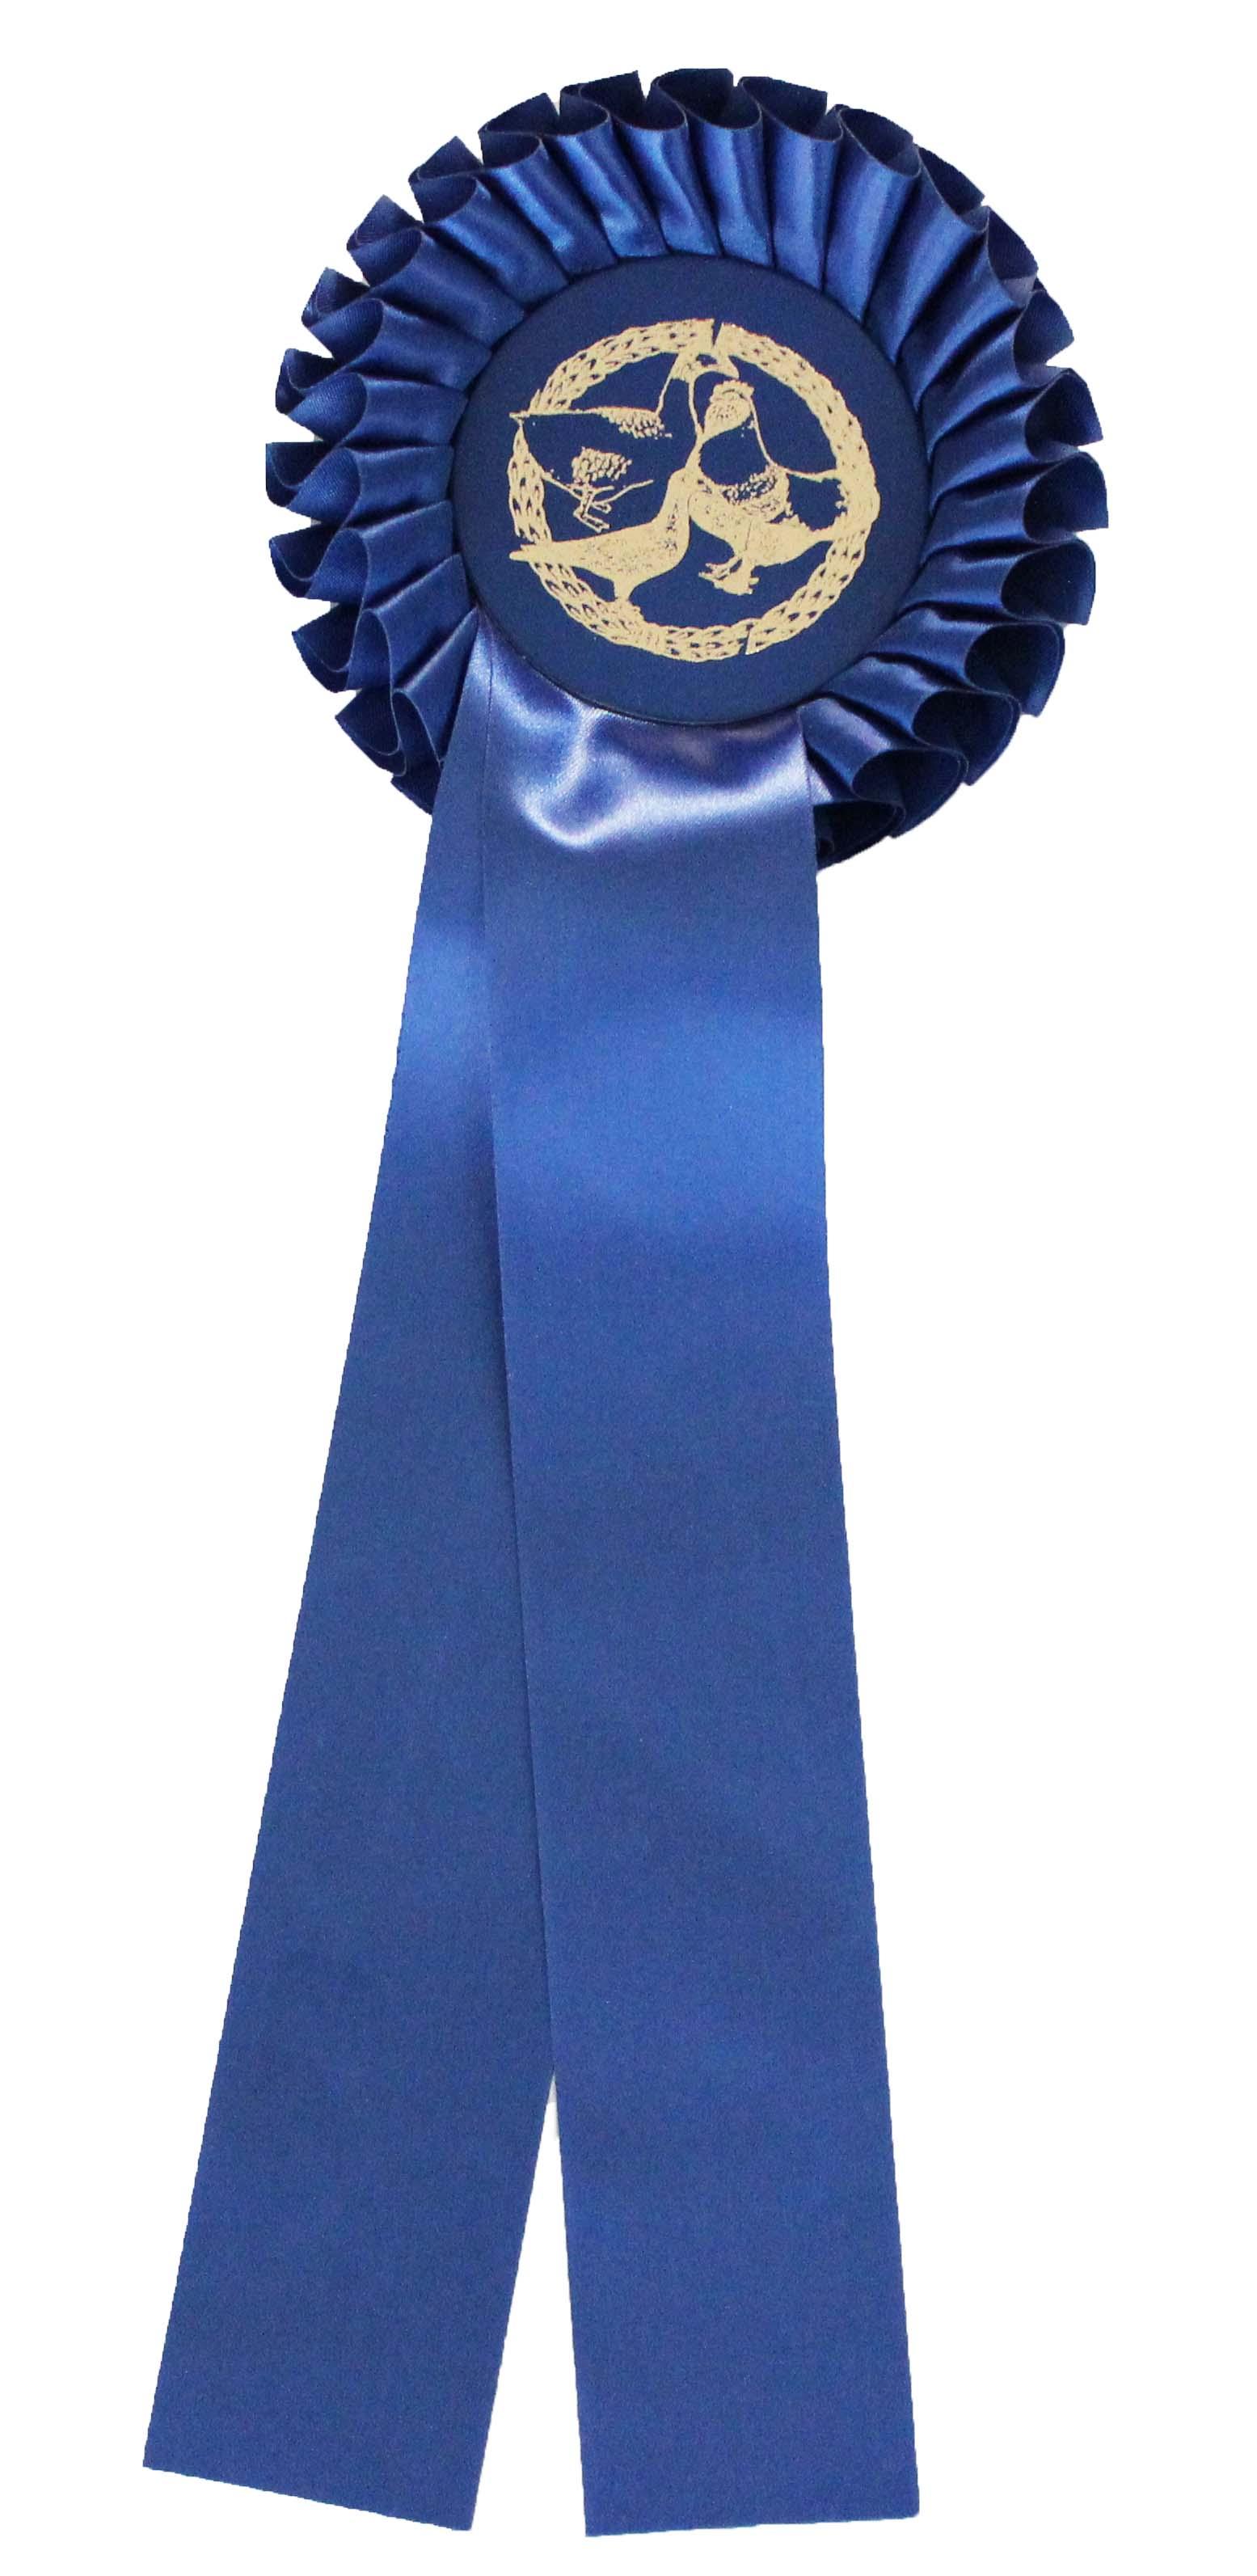 Siegerschleife Größe 1, mit einer Rosette und zwei Bänder (Preis pro Stück) - Siegerschleife PNG